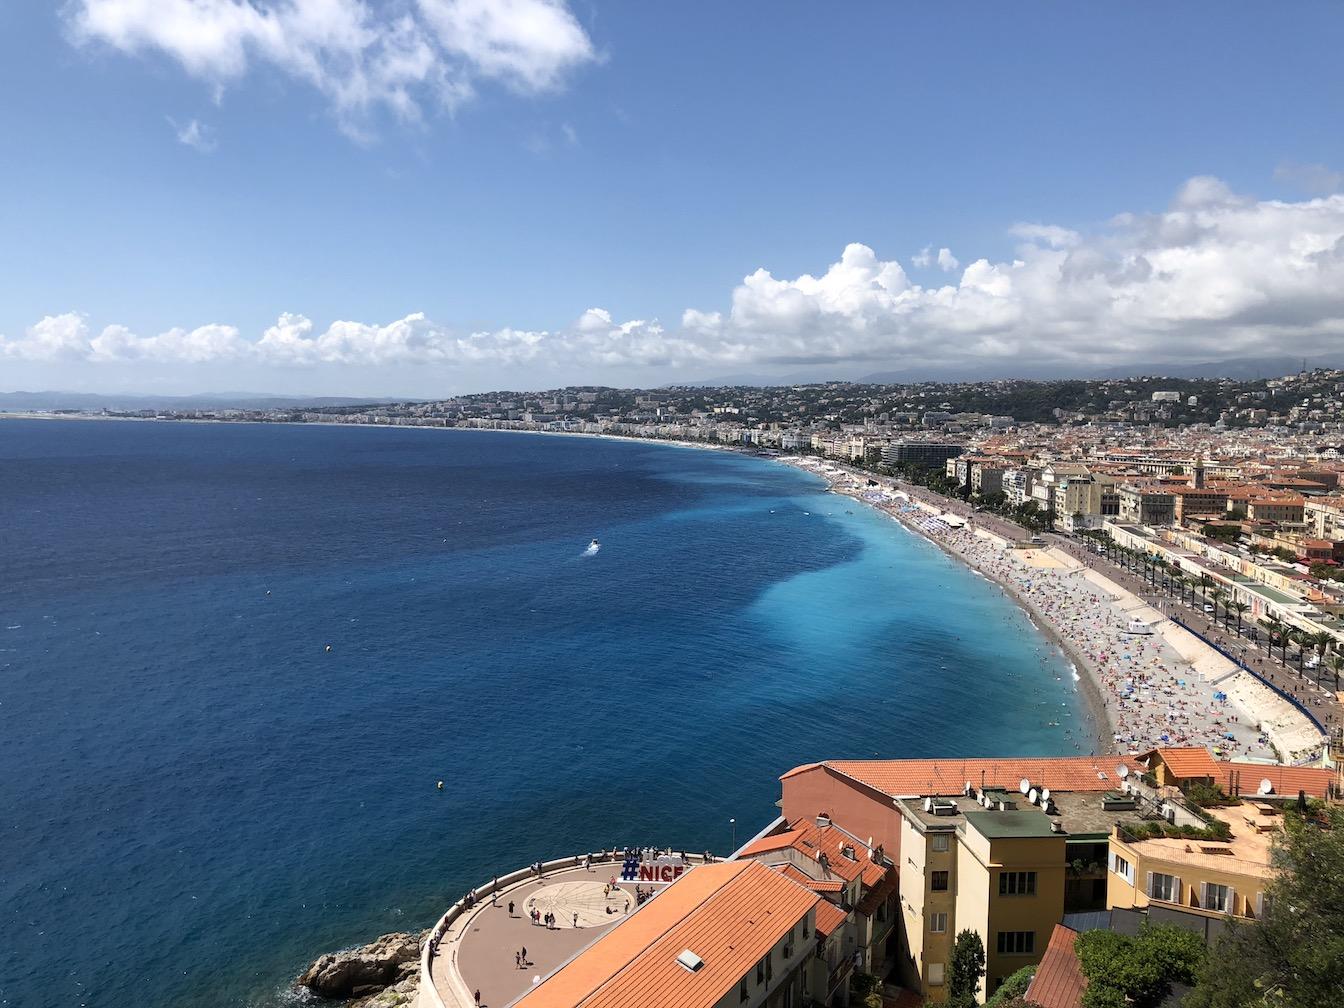 Blick über die Uferpromenade von Nizza